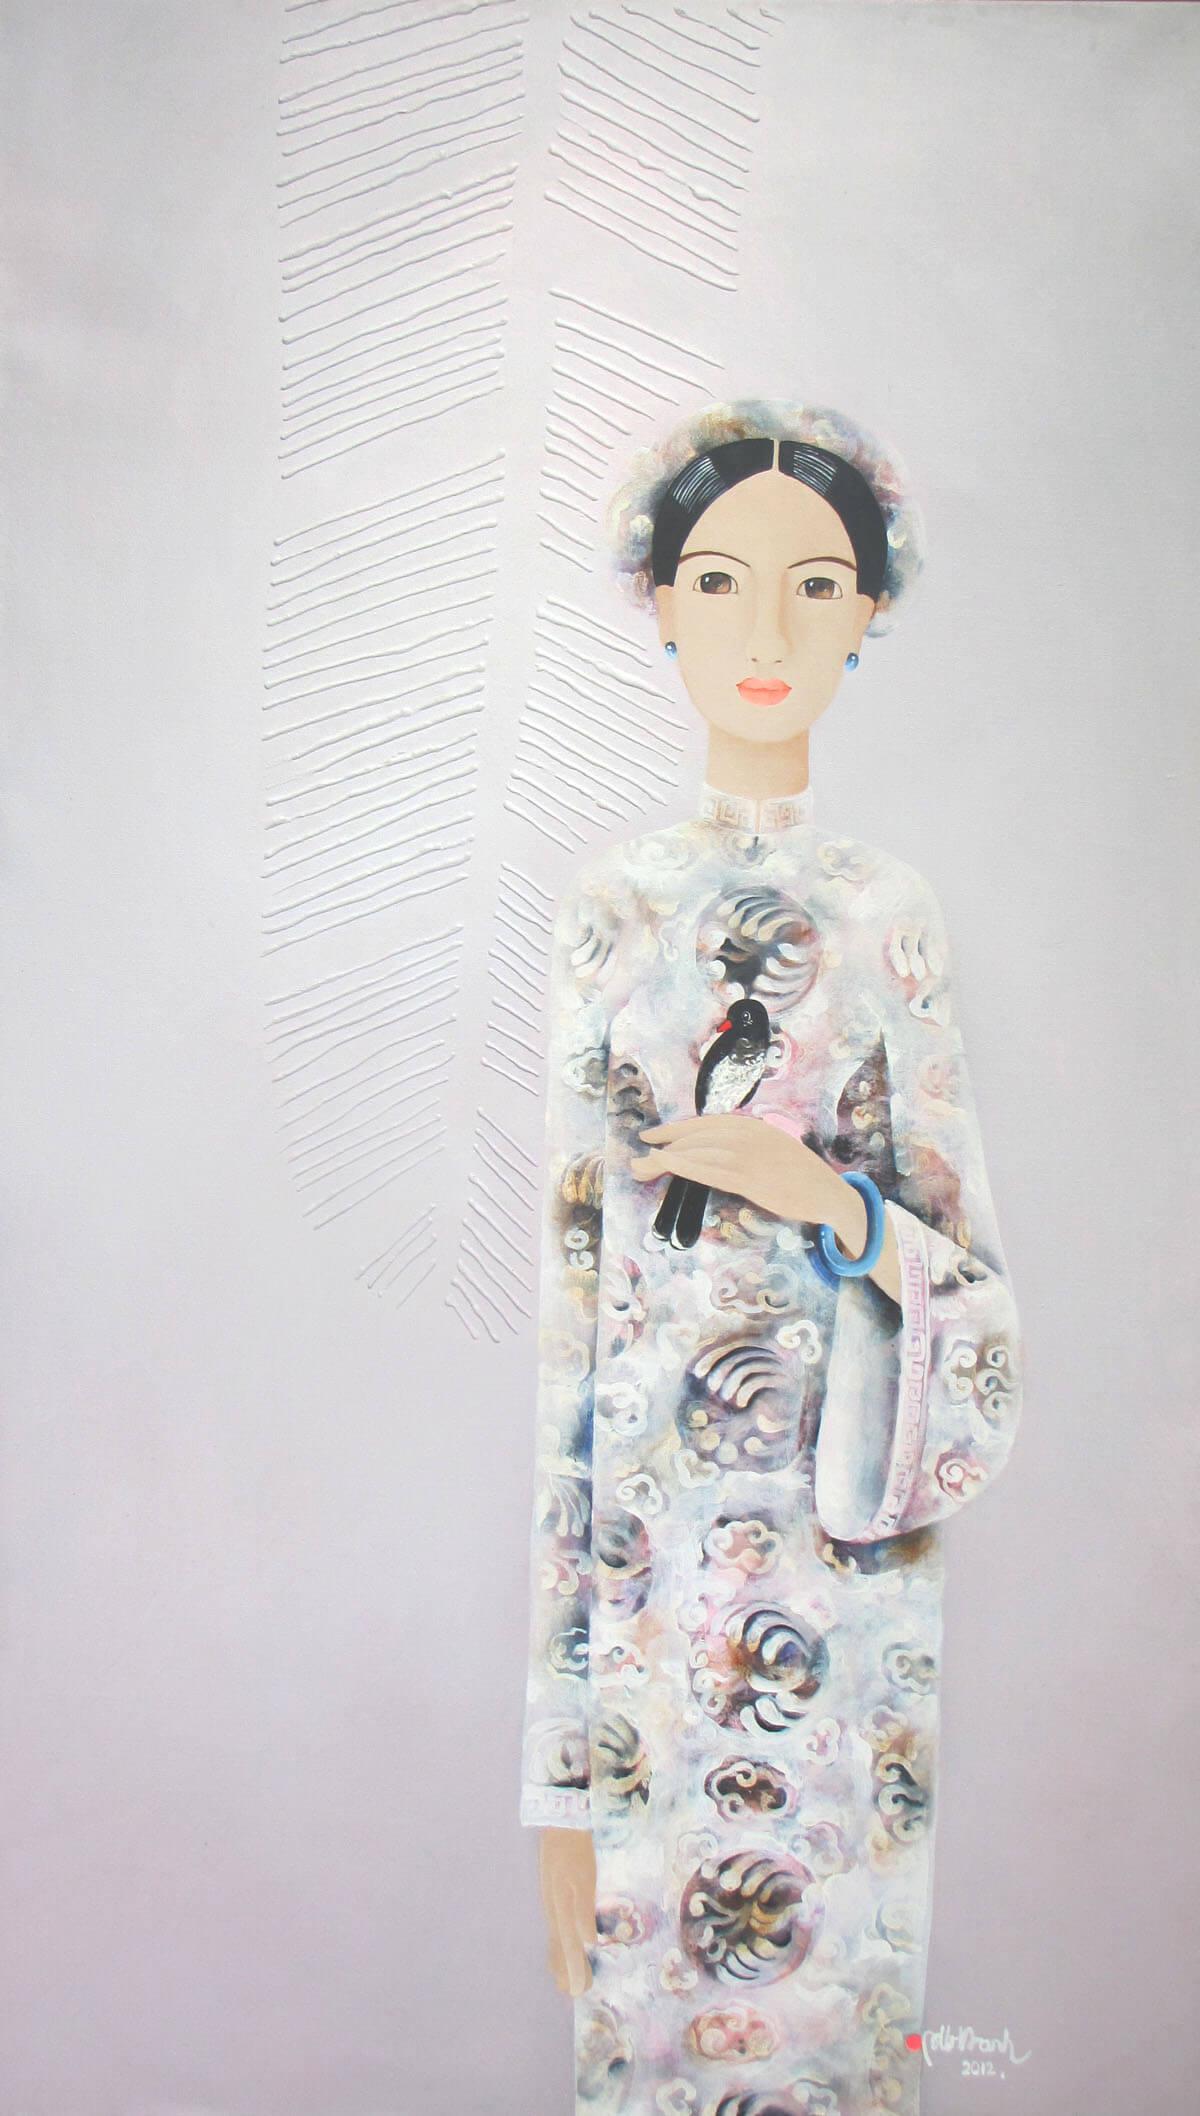 Lady with bird - BH-Original Asian Art